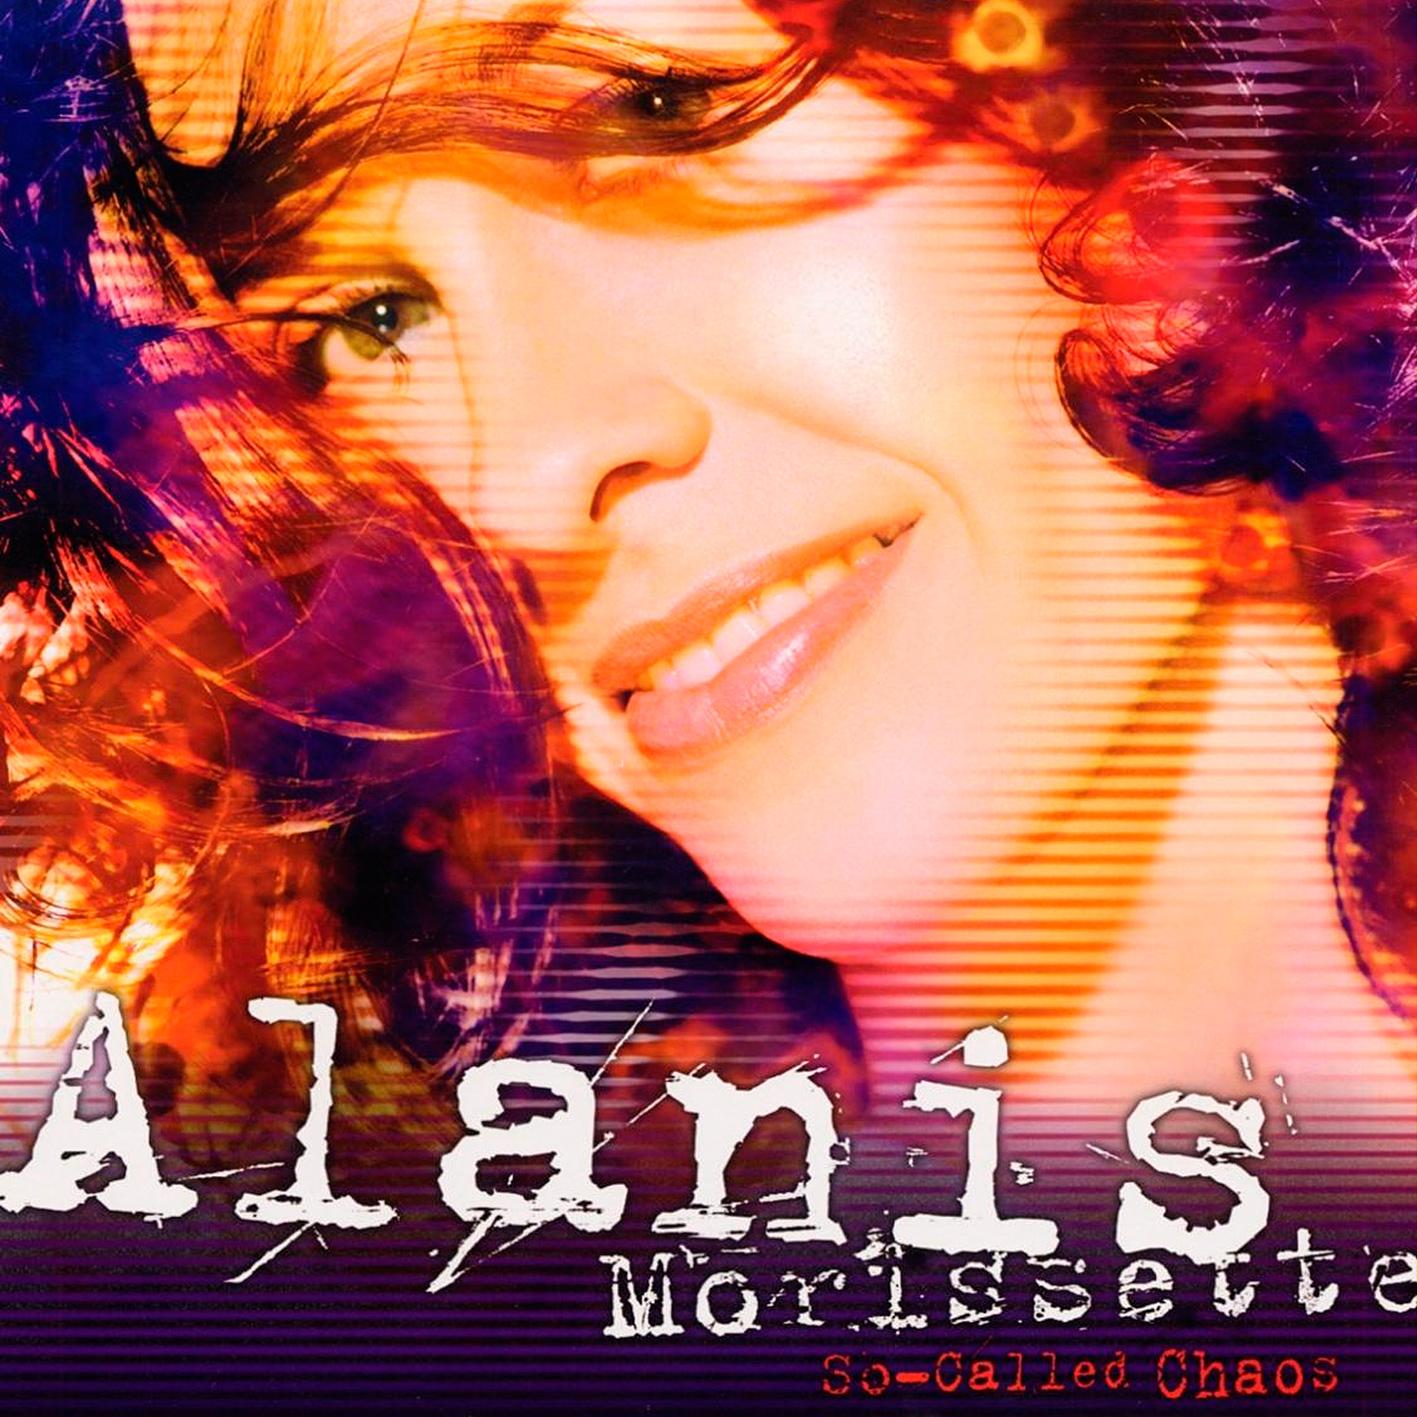 Alanis Morissette – So-Called Chaos (2004/2015) [HDTracks 24-96]